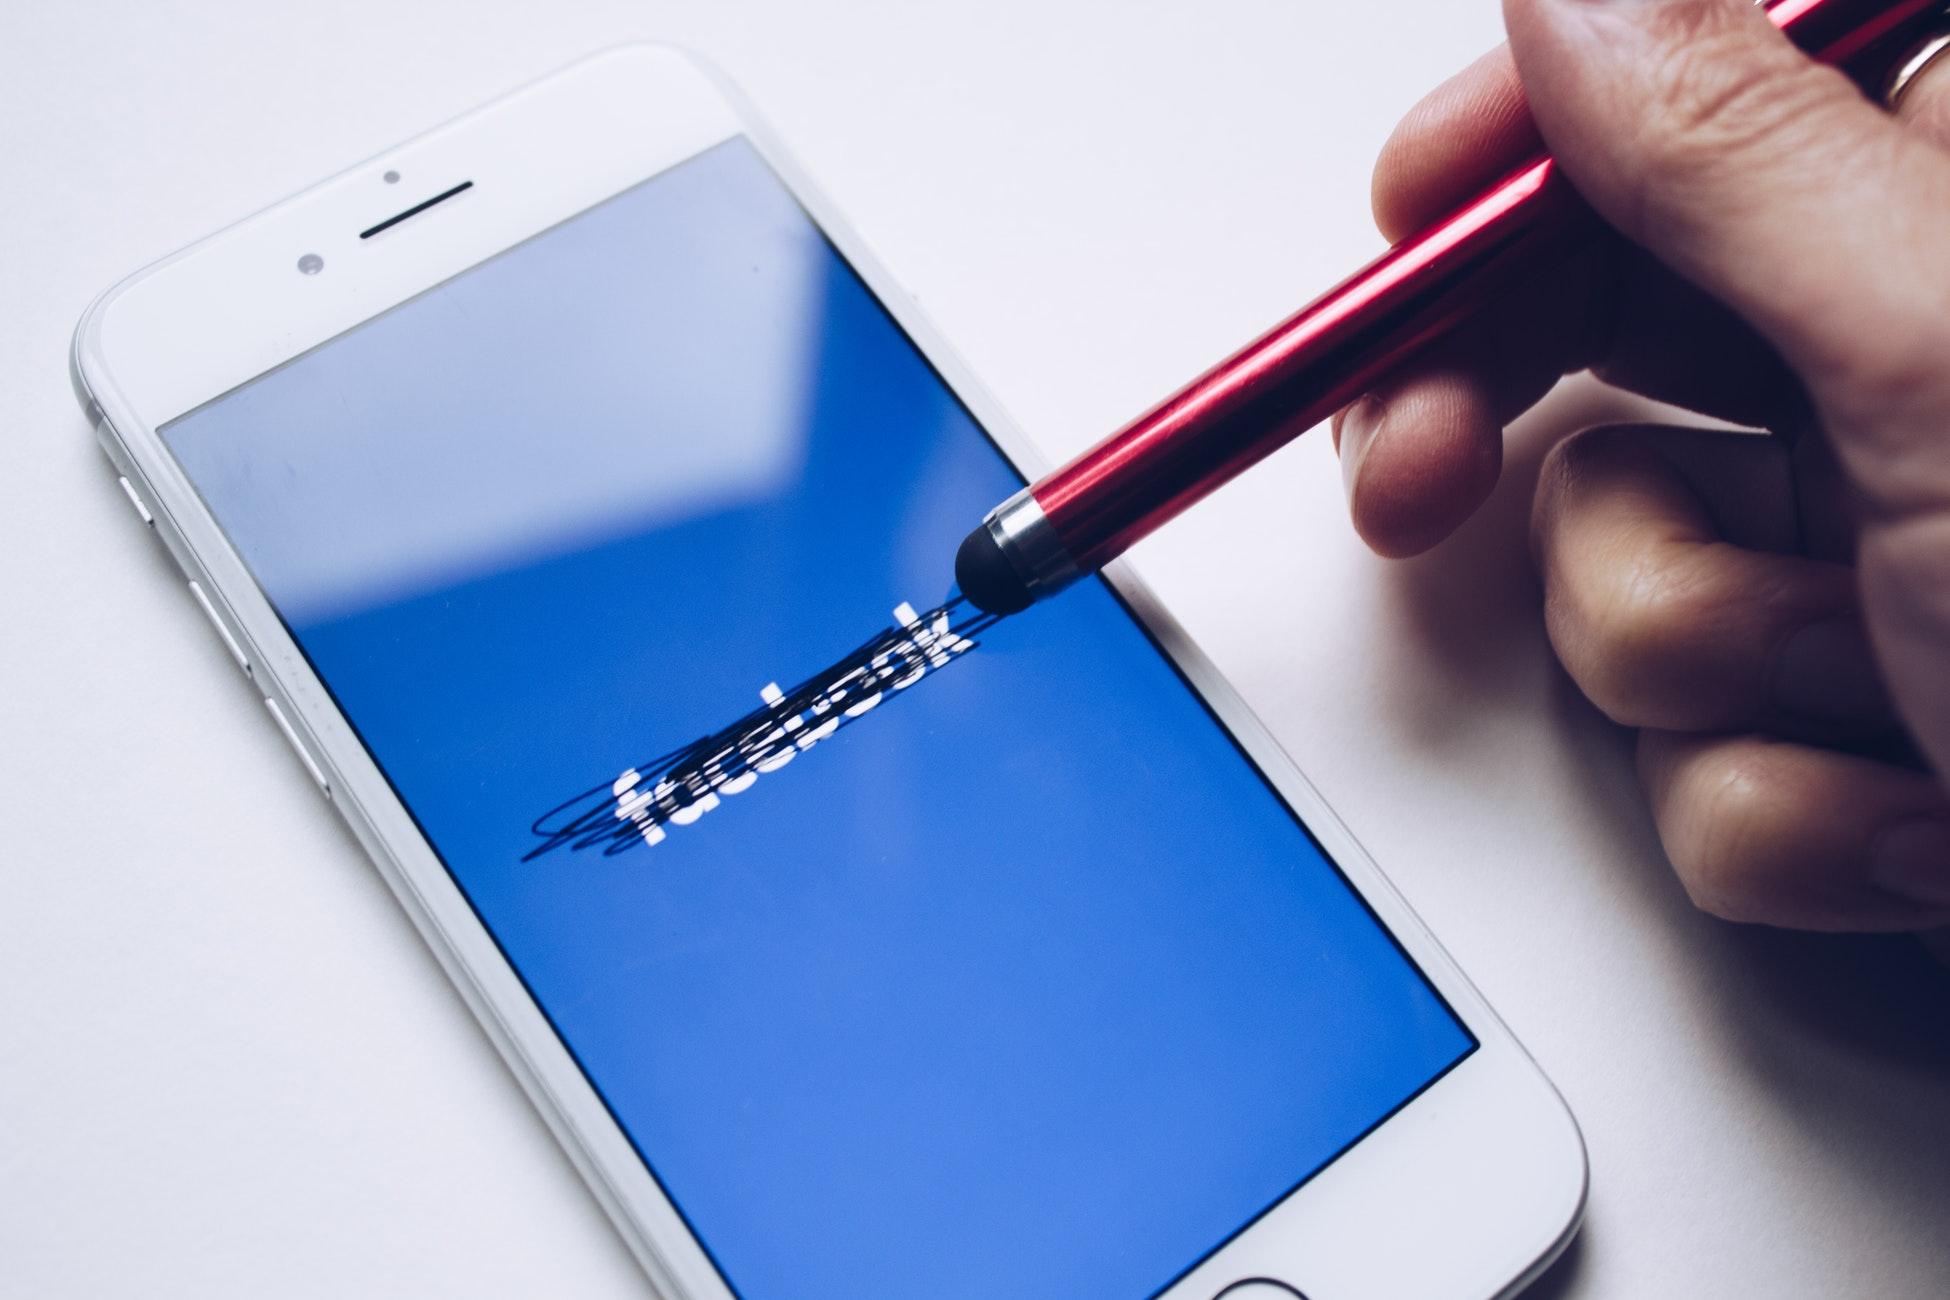 【刪除FB】FB廣告精準到令你害怕?也許你應該考慮刪掉Facebook了!